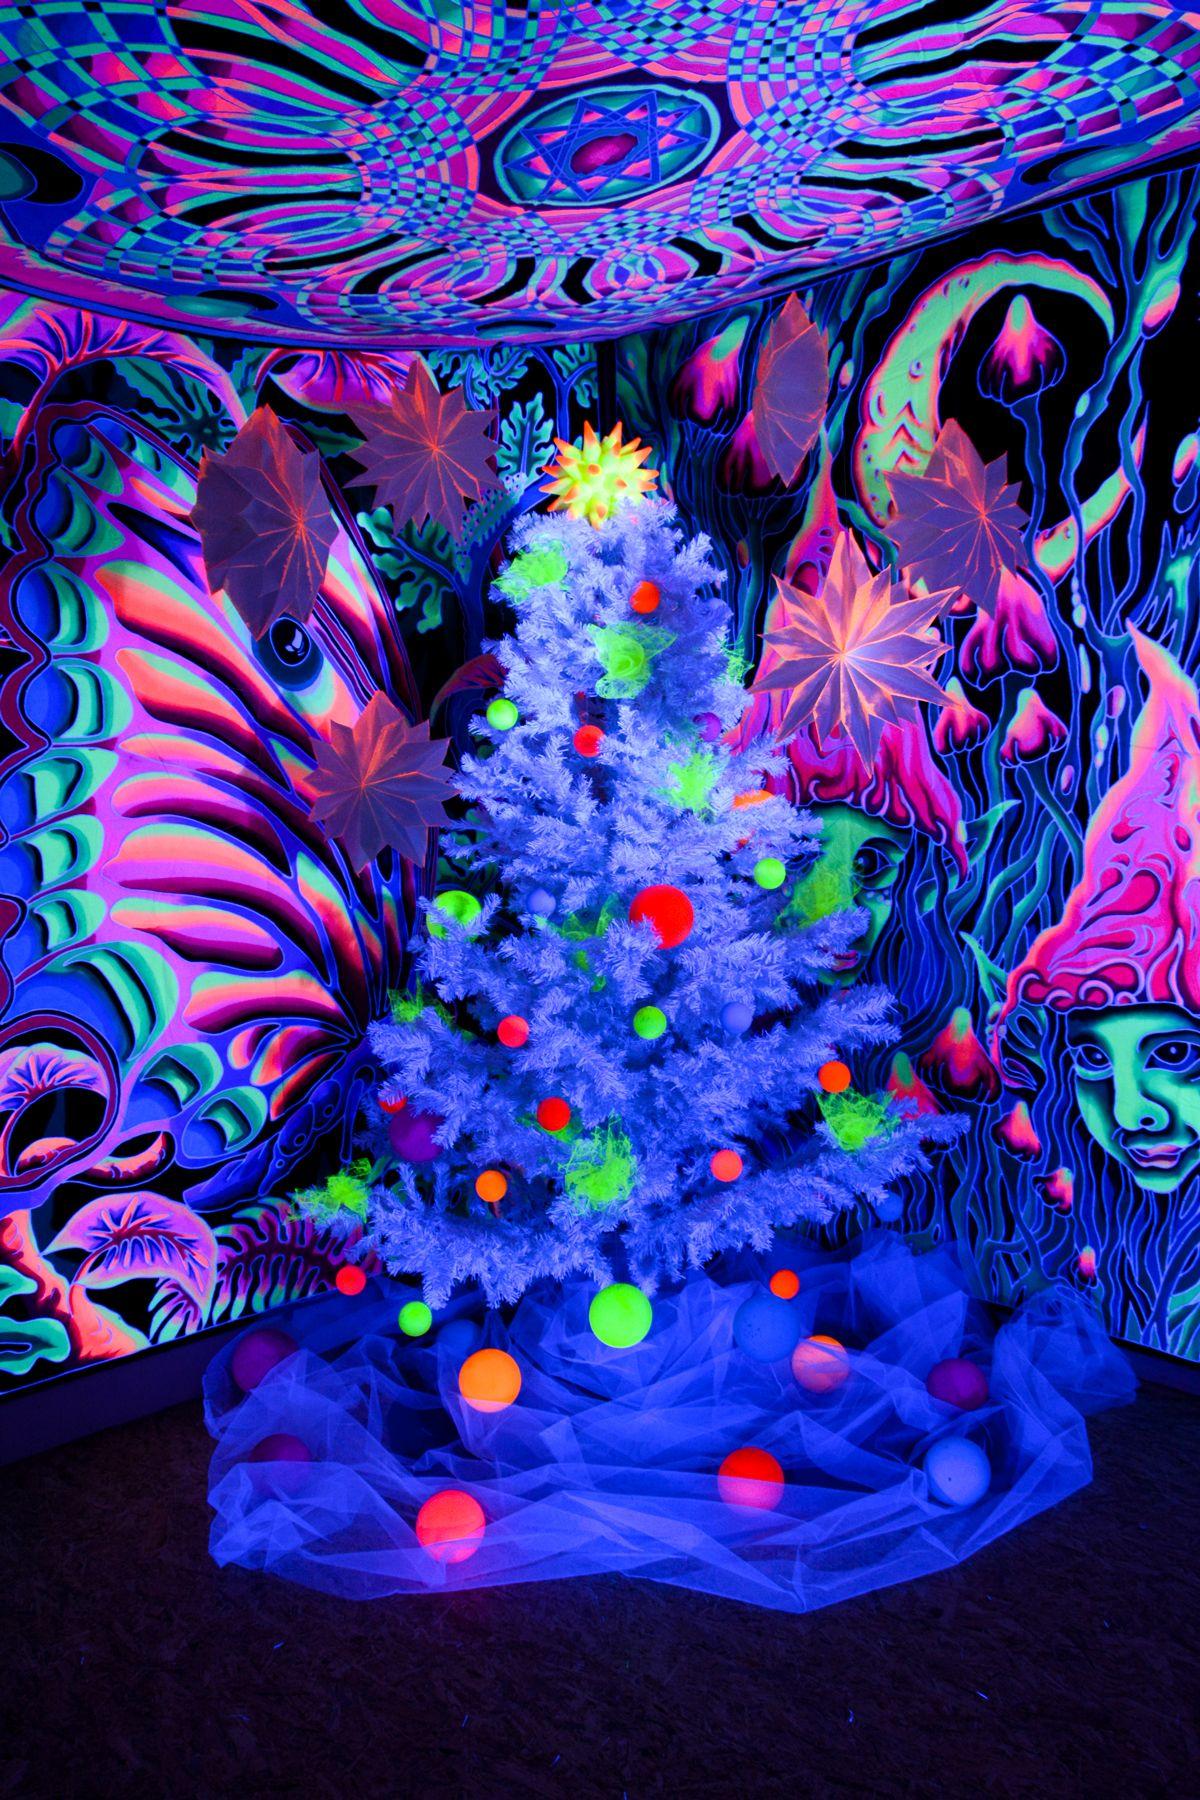 Schwarzlicht Weihnachtsbaum #blacklight #schwarzlicht #christmas ...